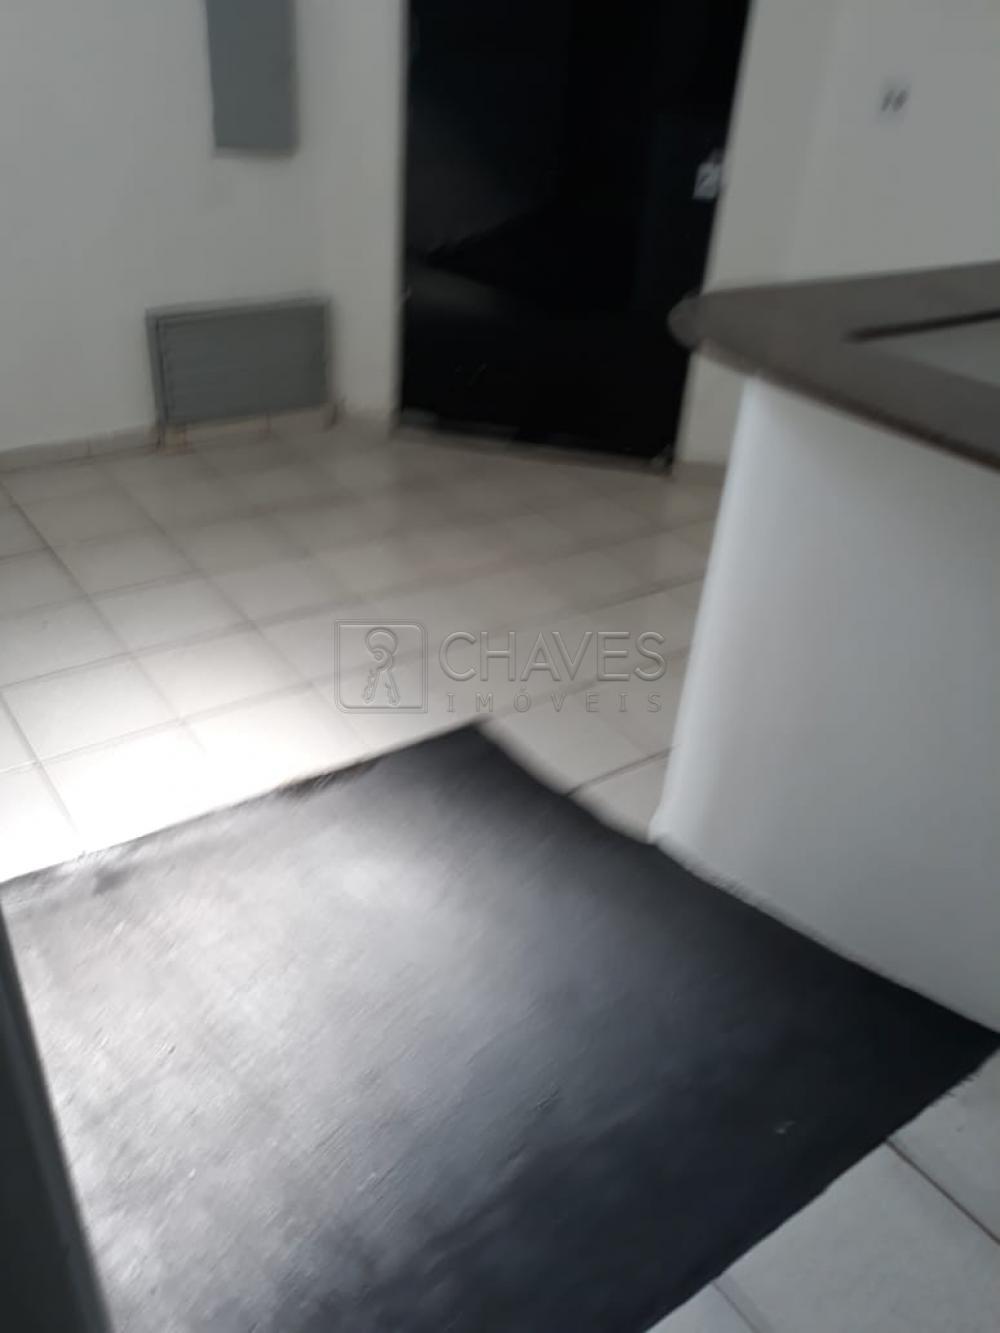 Alugar Comercial / Salão em Ribeirão Preto apenas R$ 900,00 - Foto 9